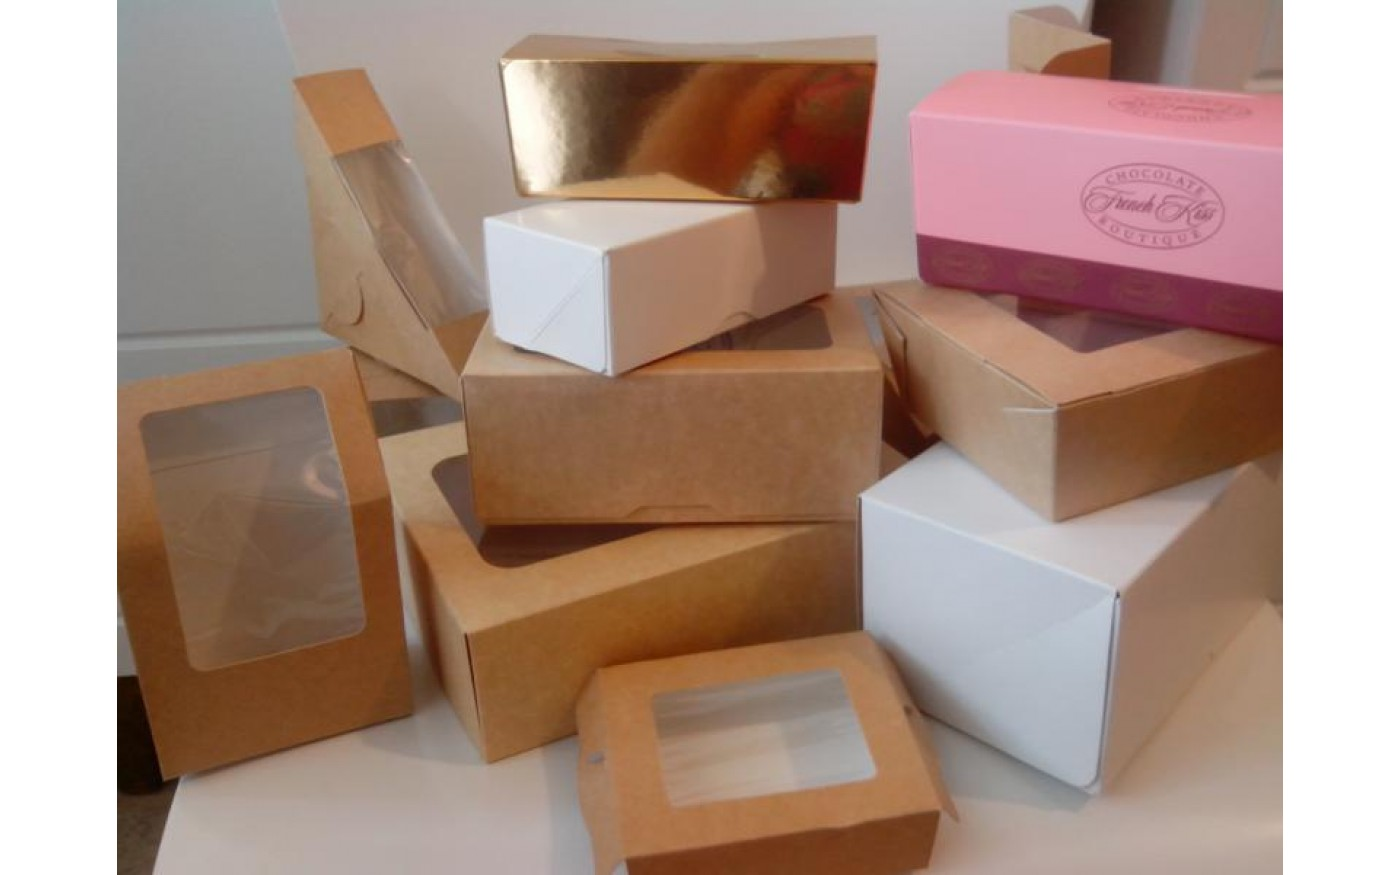 Нужны коробки для кондитерских изделий? Компания «Attolis» предлагает низкие цены